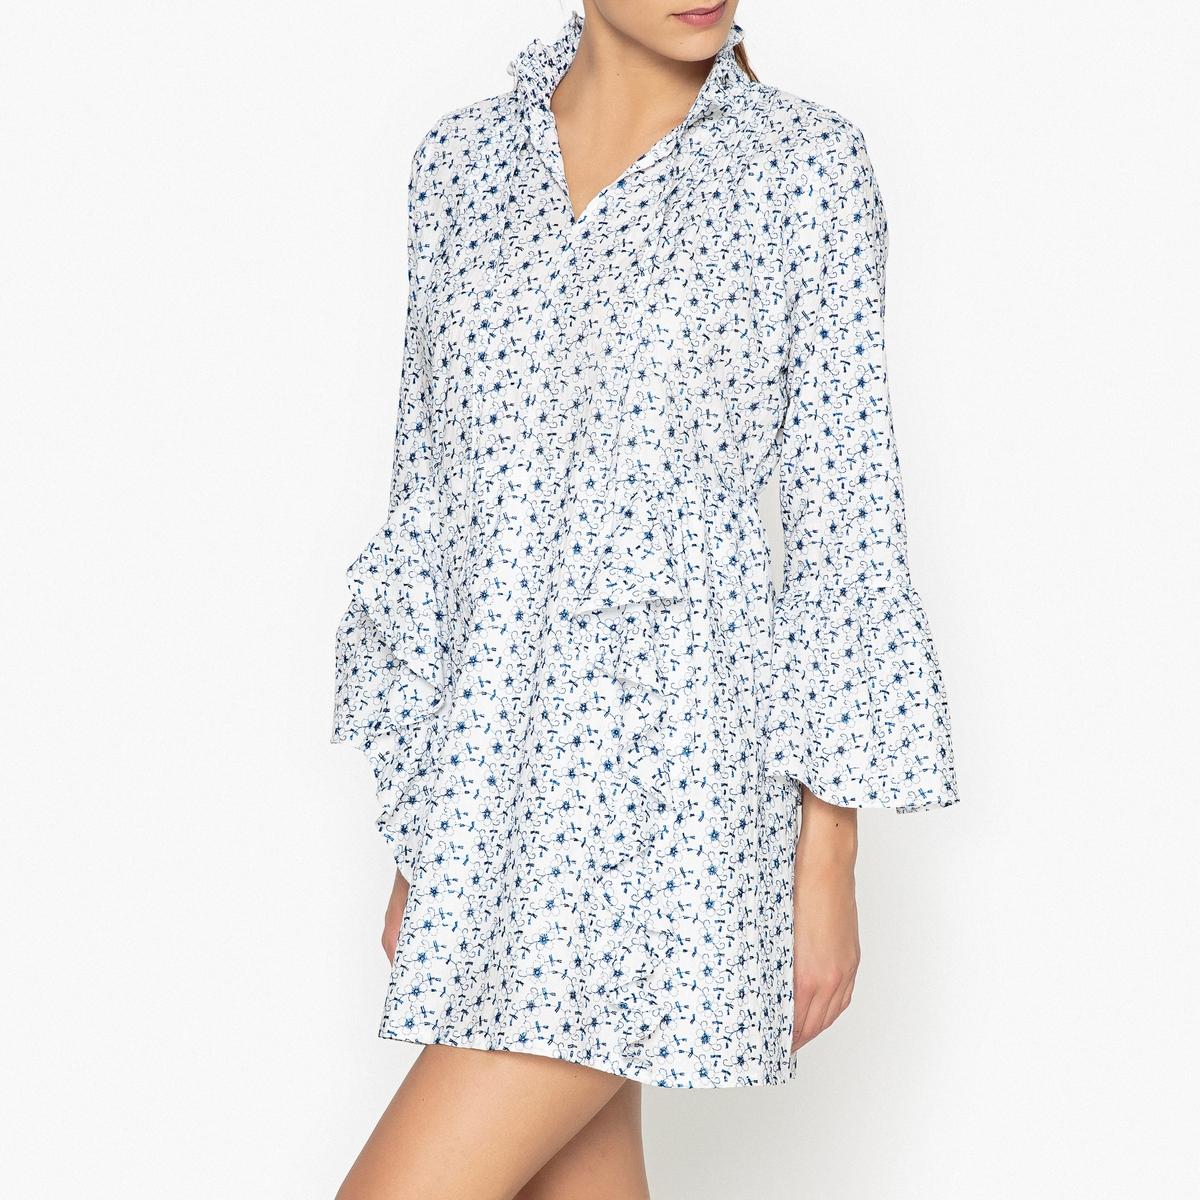 Платье объемное с вышивкой и воланамиСостав и описание :  Основной материал      100% хлопок, Подкладка                    100% вискоза    Марка                        SISTER JANE<br><br>Цвет: белый<br>Размер: M